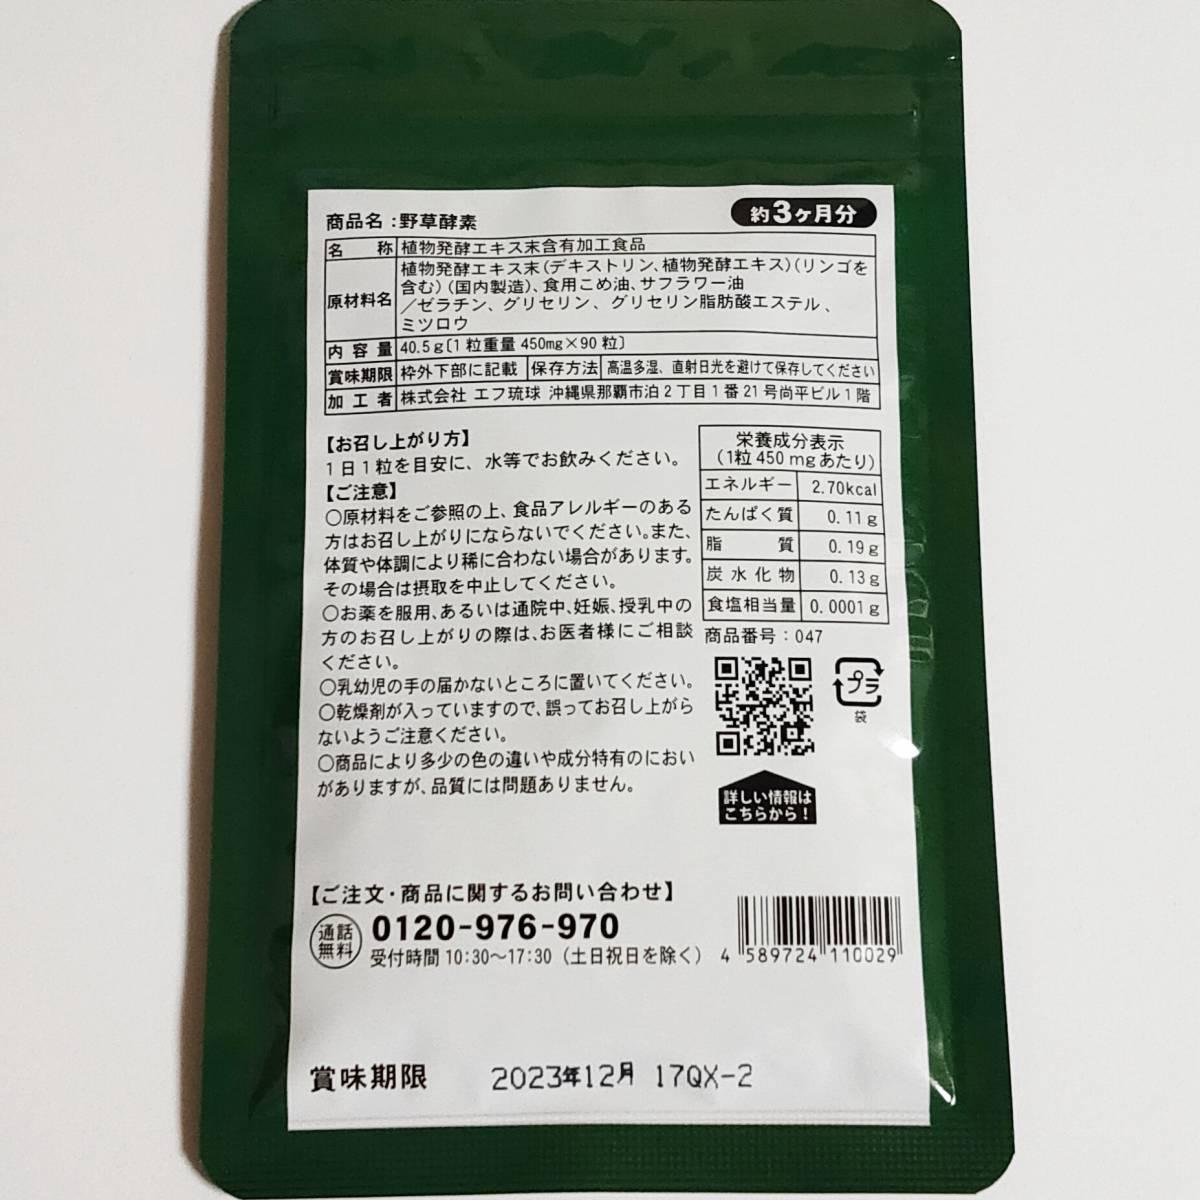 【シードコムス サプリメント】野草酵素 約6ヶ月分(約3ヶ月×2袋セット) サプリ 健康食品 未開封 送料無料_画像2